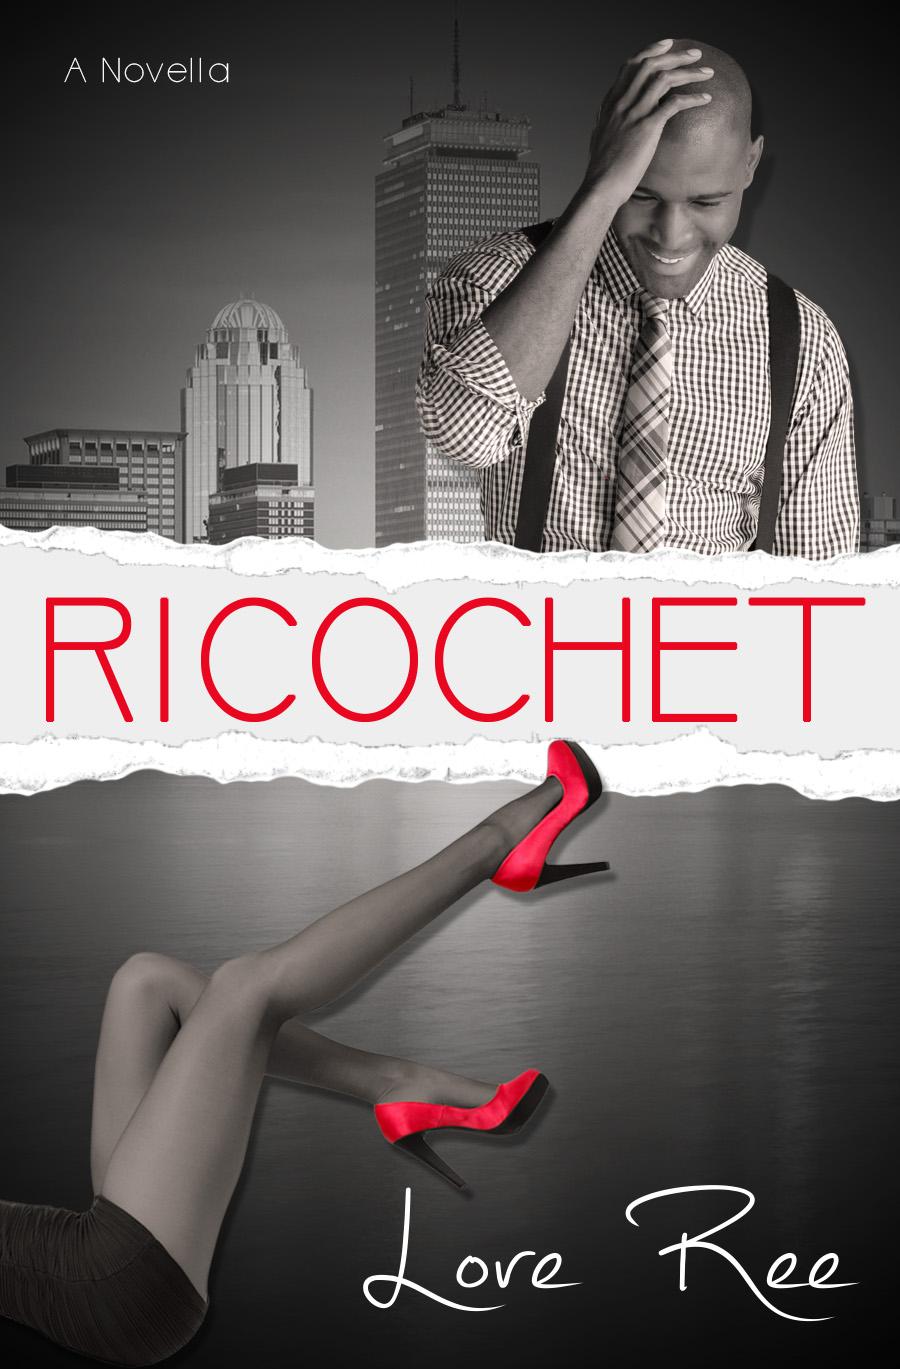 RICOCHET-COVER.jpg